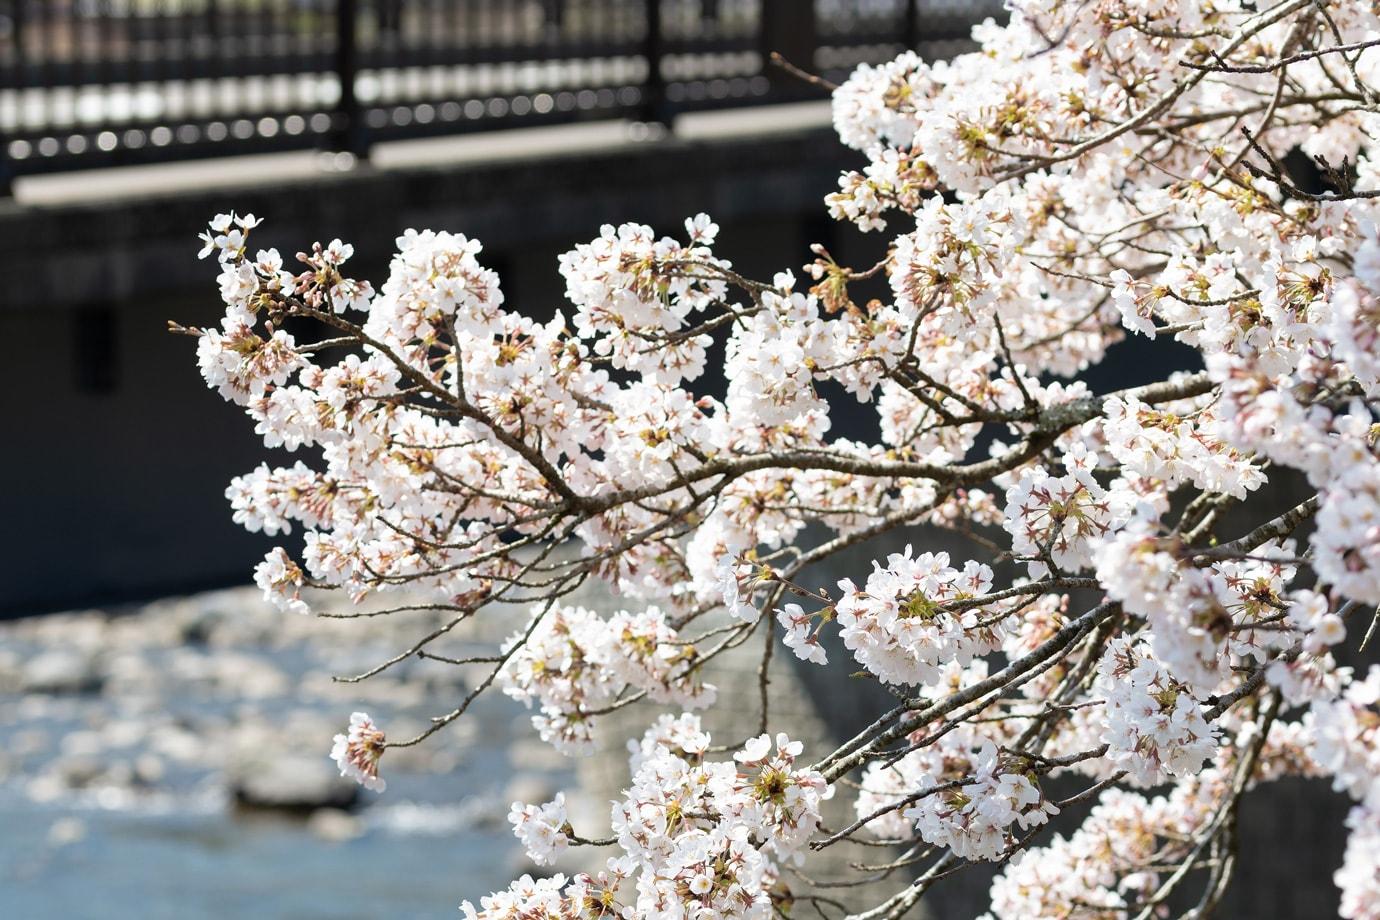 五町堤(ごちょうつづみ)の桜 スライダー画像2